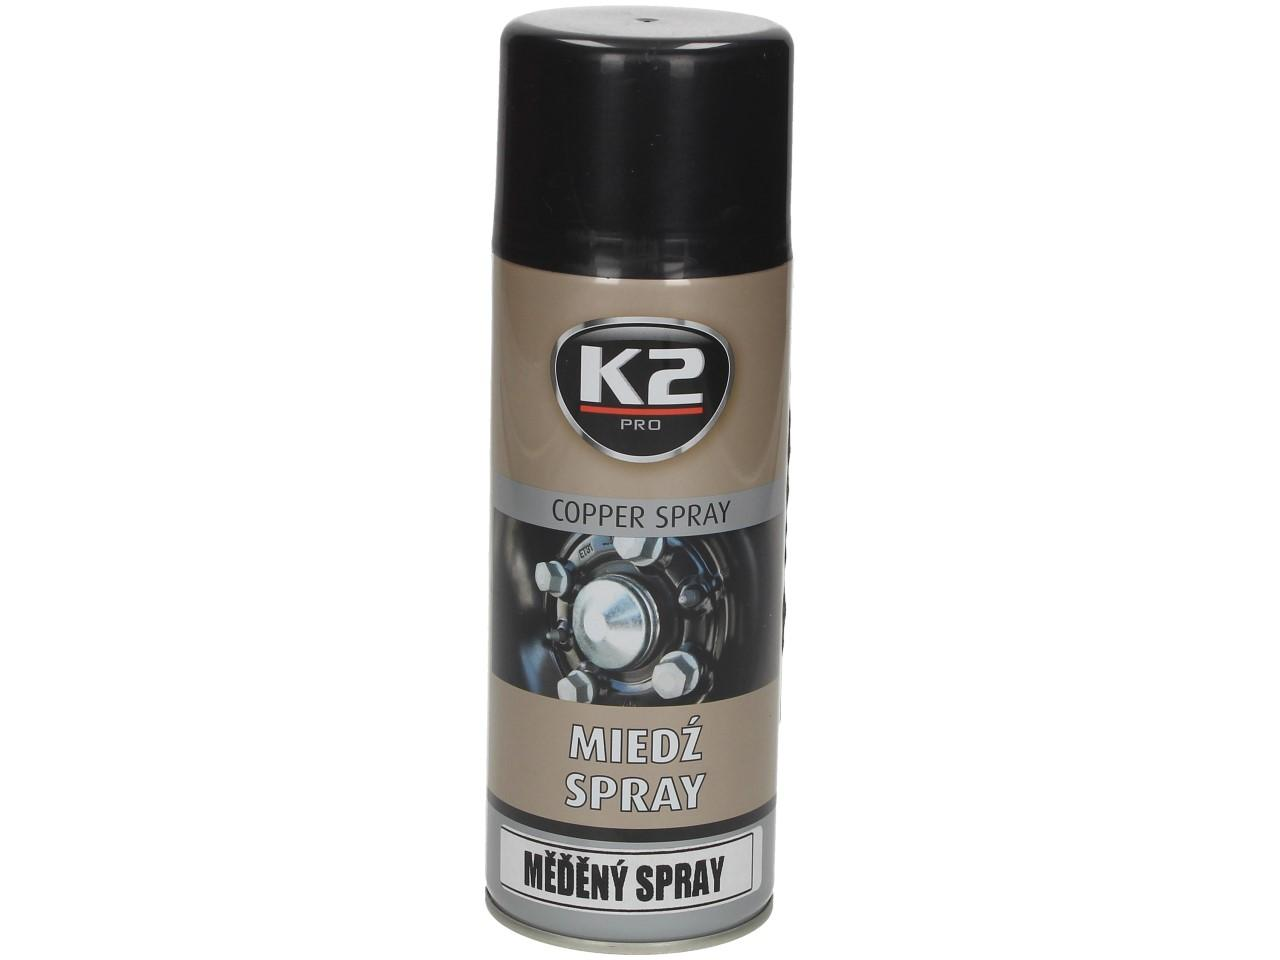 Foto 1 - K2 COPPER SPRAY 400 ml - měděný sprej snižuje tření kovových částí, aby se zabránilo oděru, vrzání apod. Šrouby, matice a ložiska chrání před korozí. Je odolný proti vodě. Zlepšuje těsnost šroubových spojů